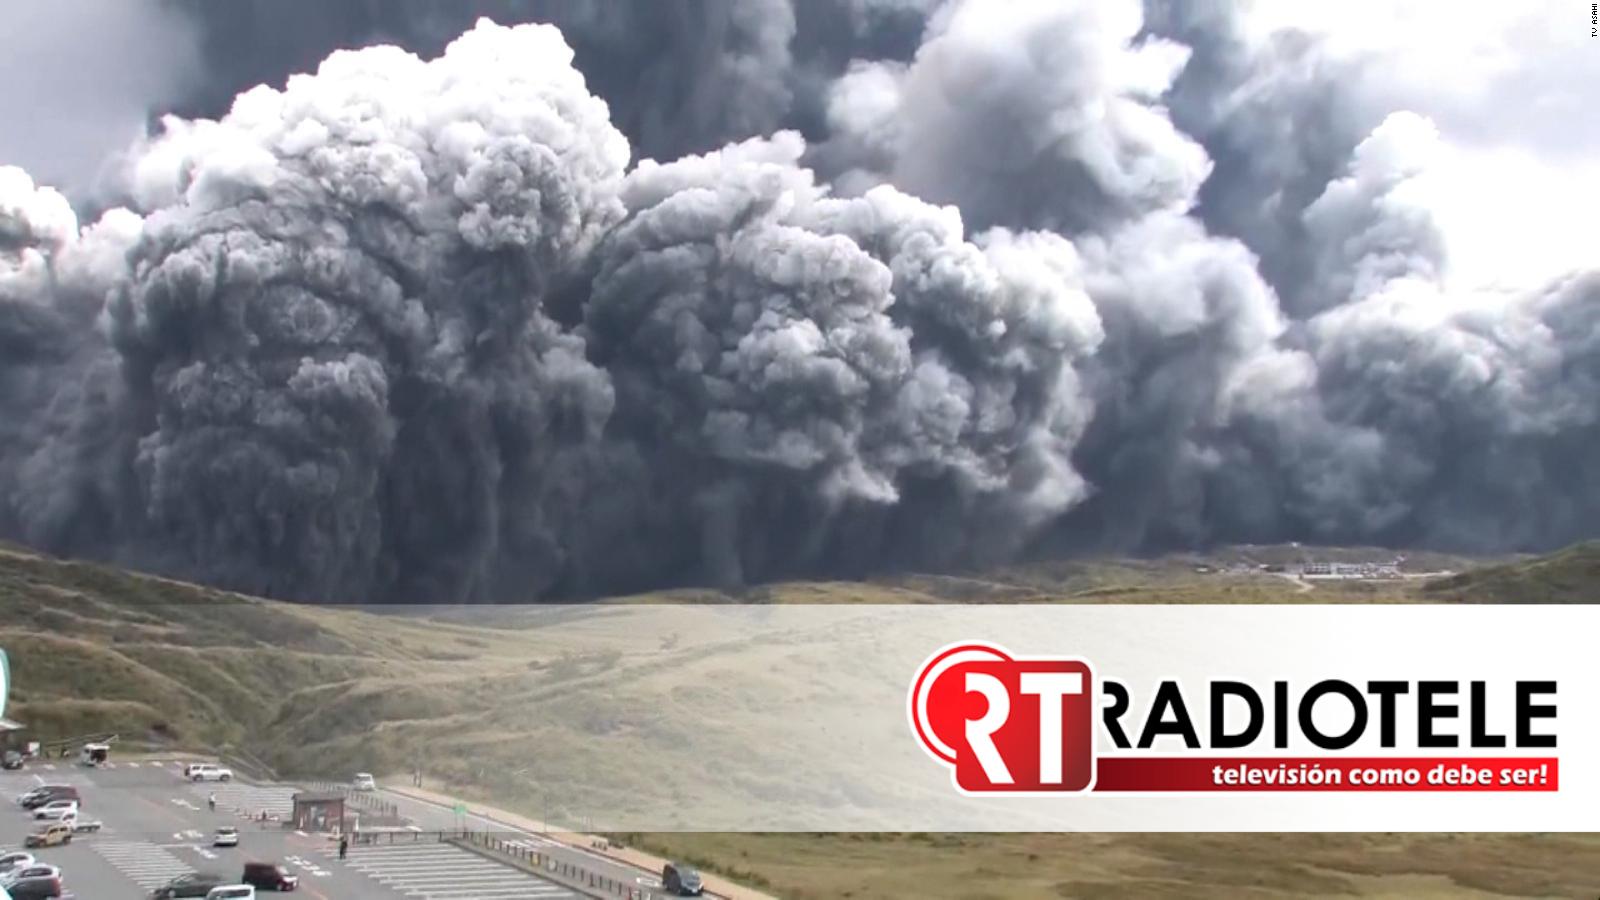 Así fue la erupción del volcán Monte Aso en Japón